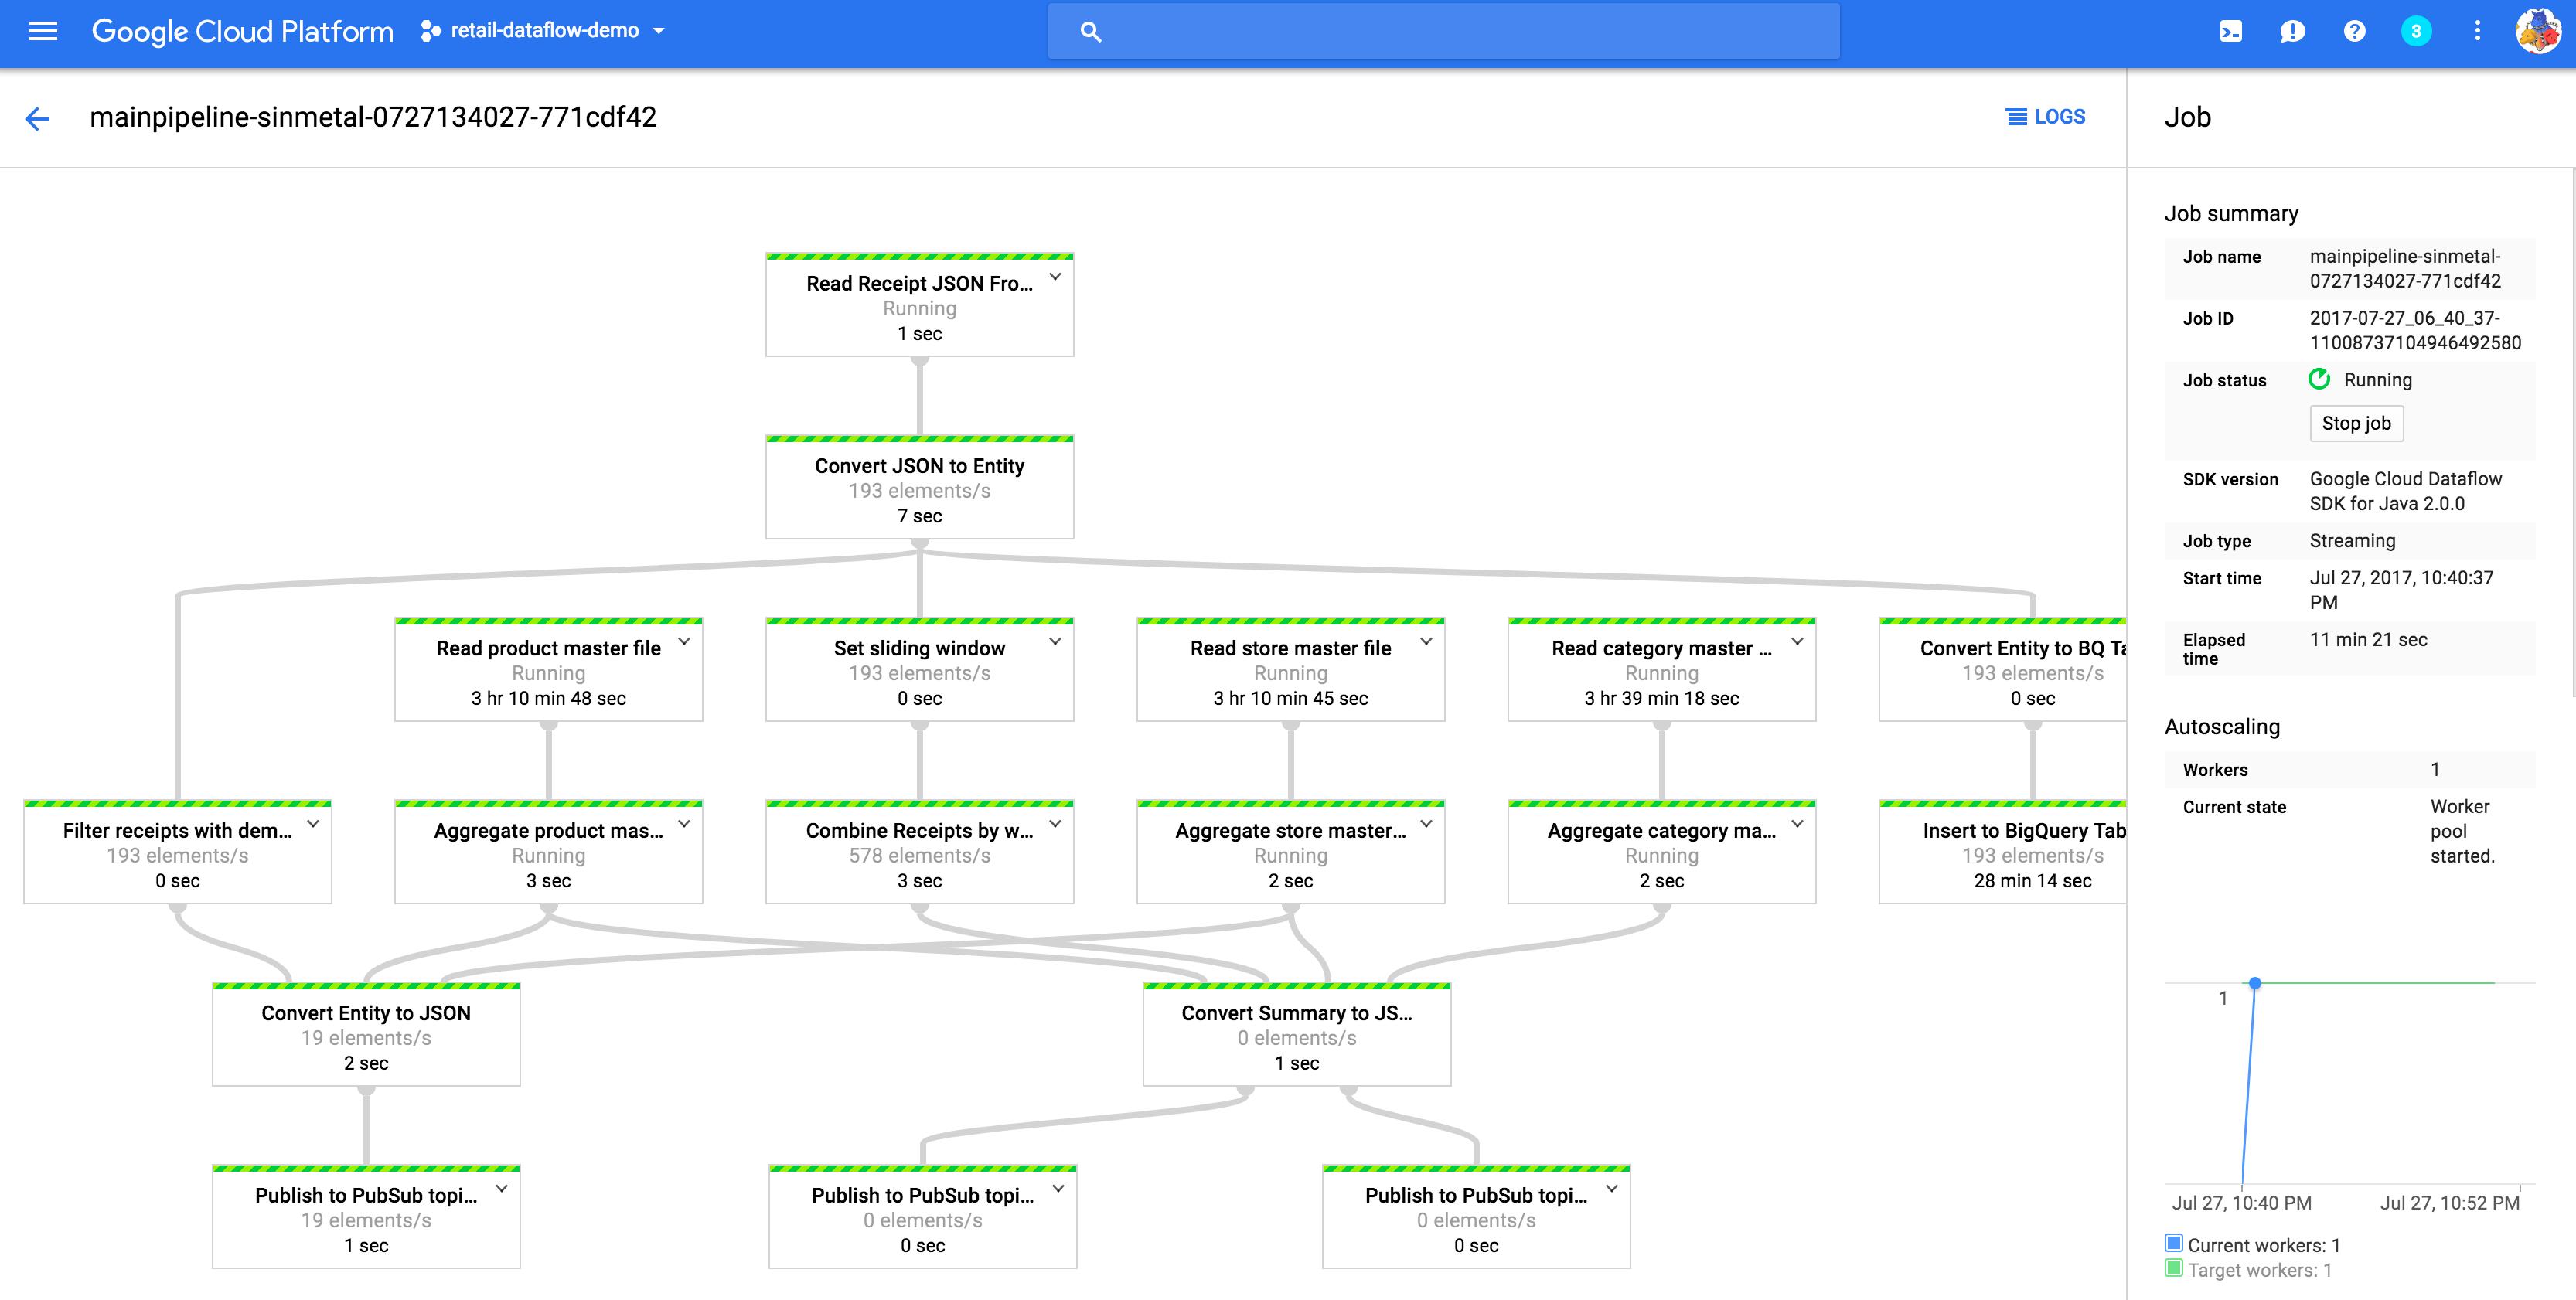 Cloud Dataflow Console